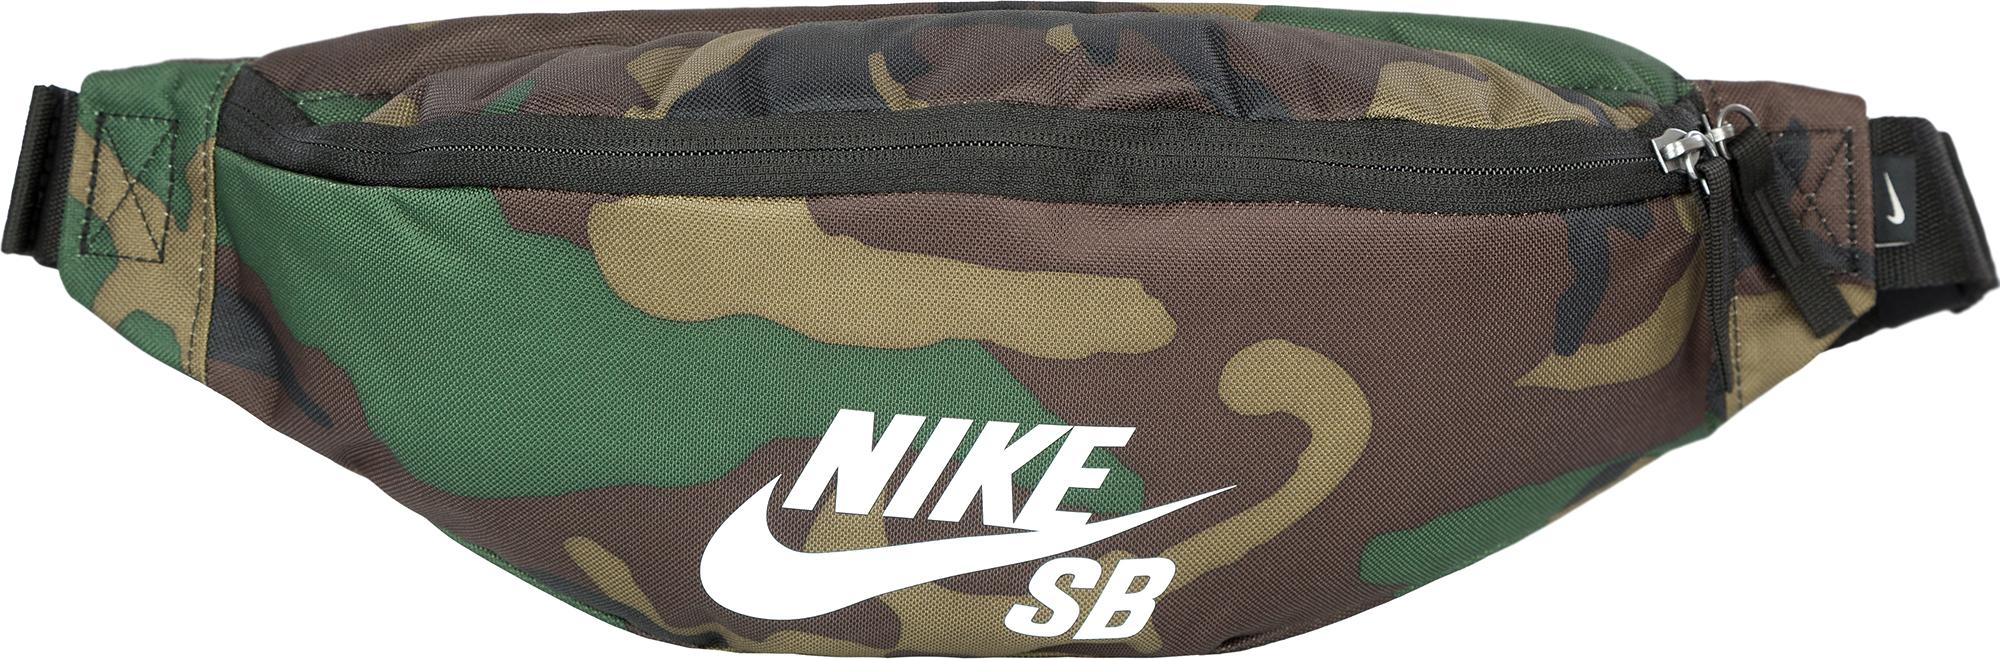 купить Nike Сумка на пояс Nike Heritage по цене 1699 рублей